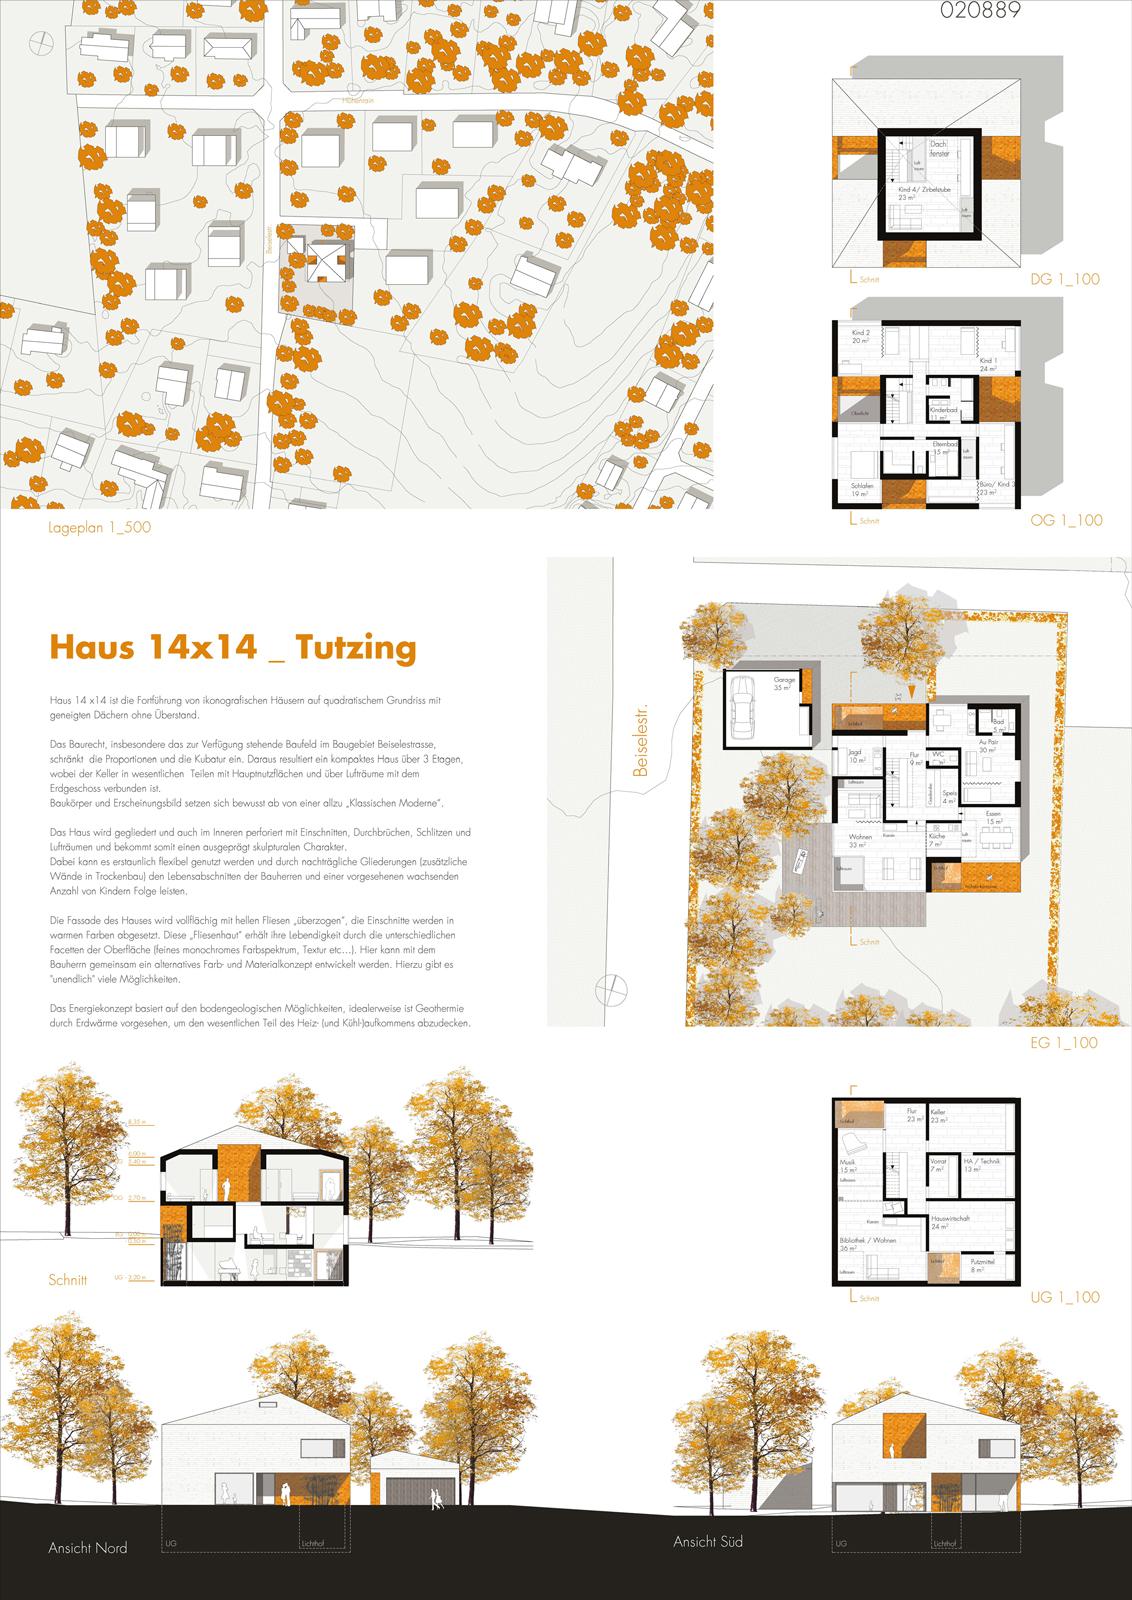 """2. Preis beim Wettbewerb """"Haus Schiewe"""", Tutzing"""